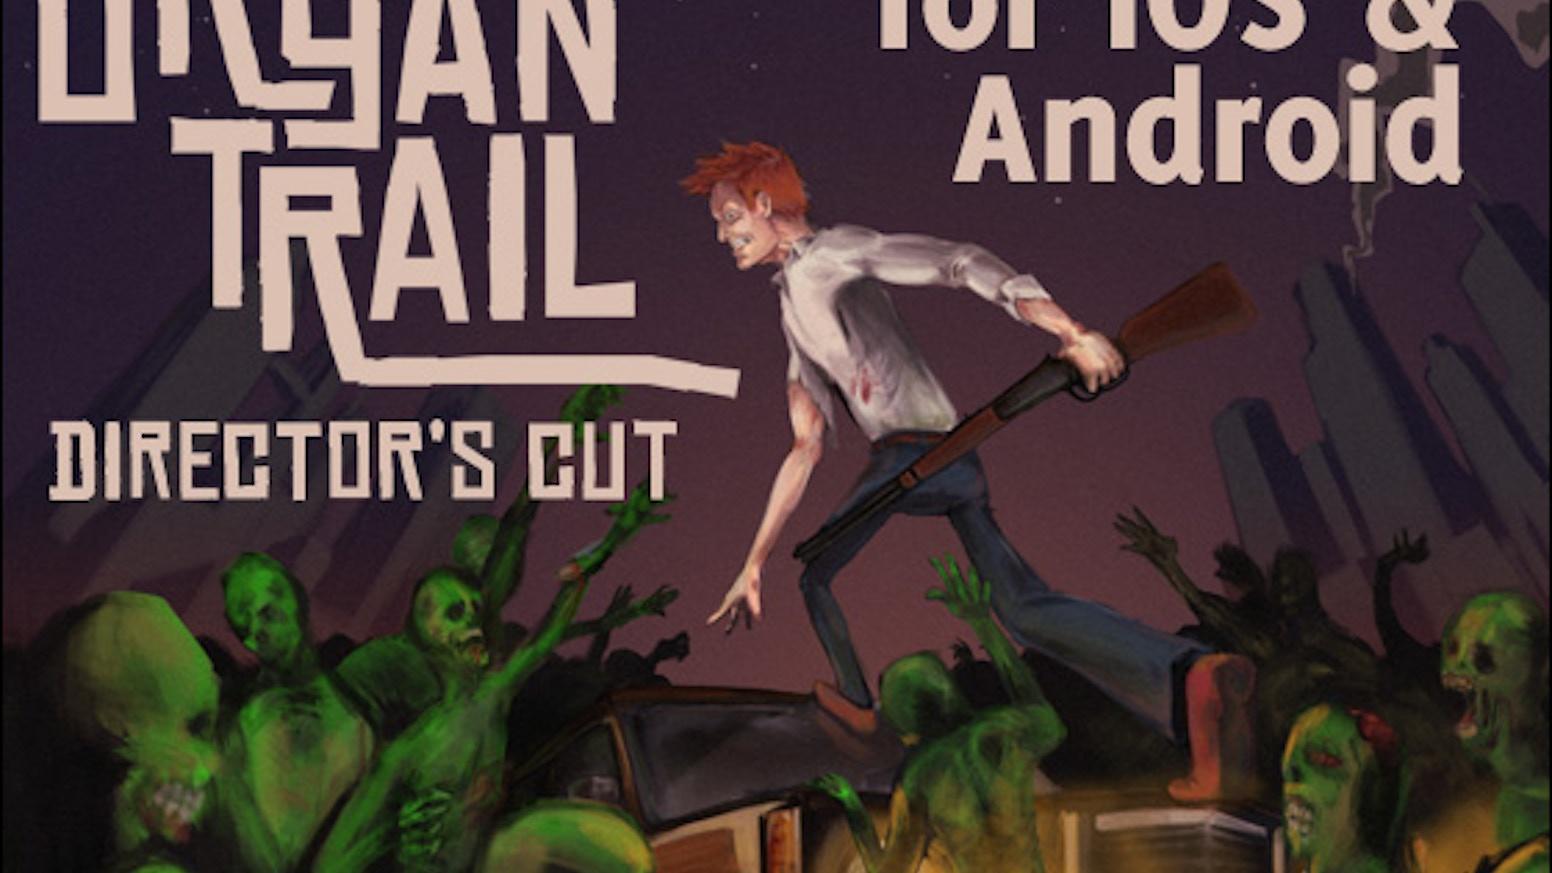 Organ Trail: Director's Cut by The Men Who Wear Many Hats — Kickstarter